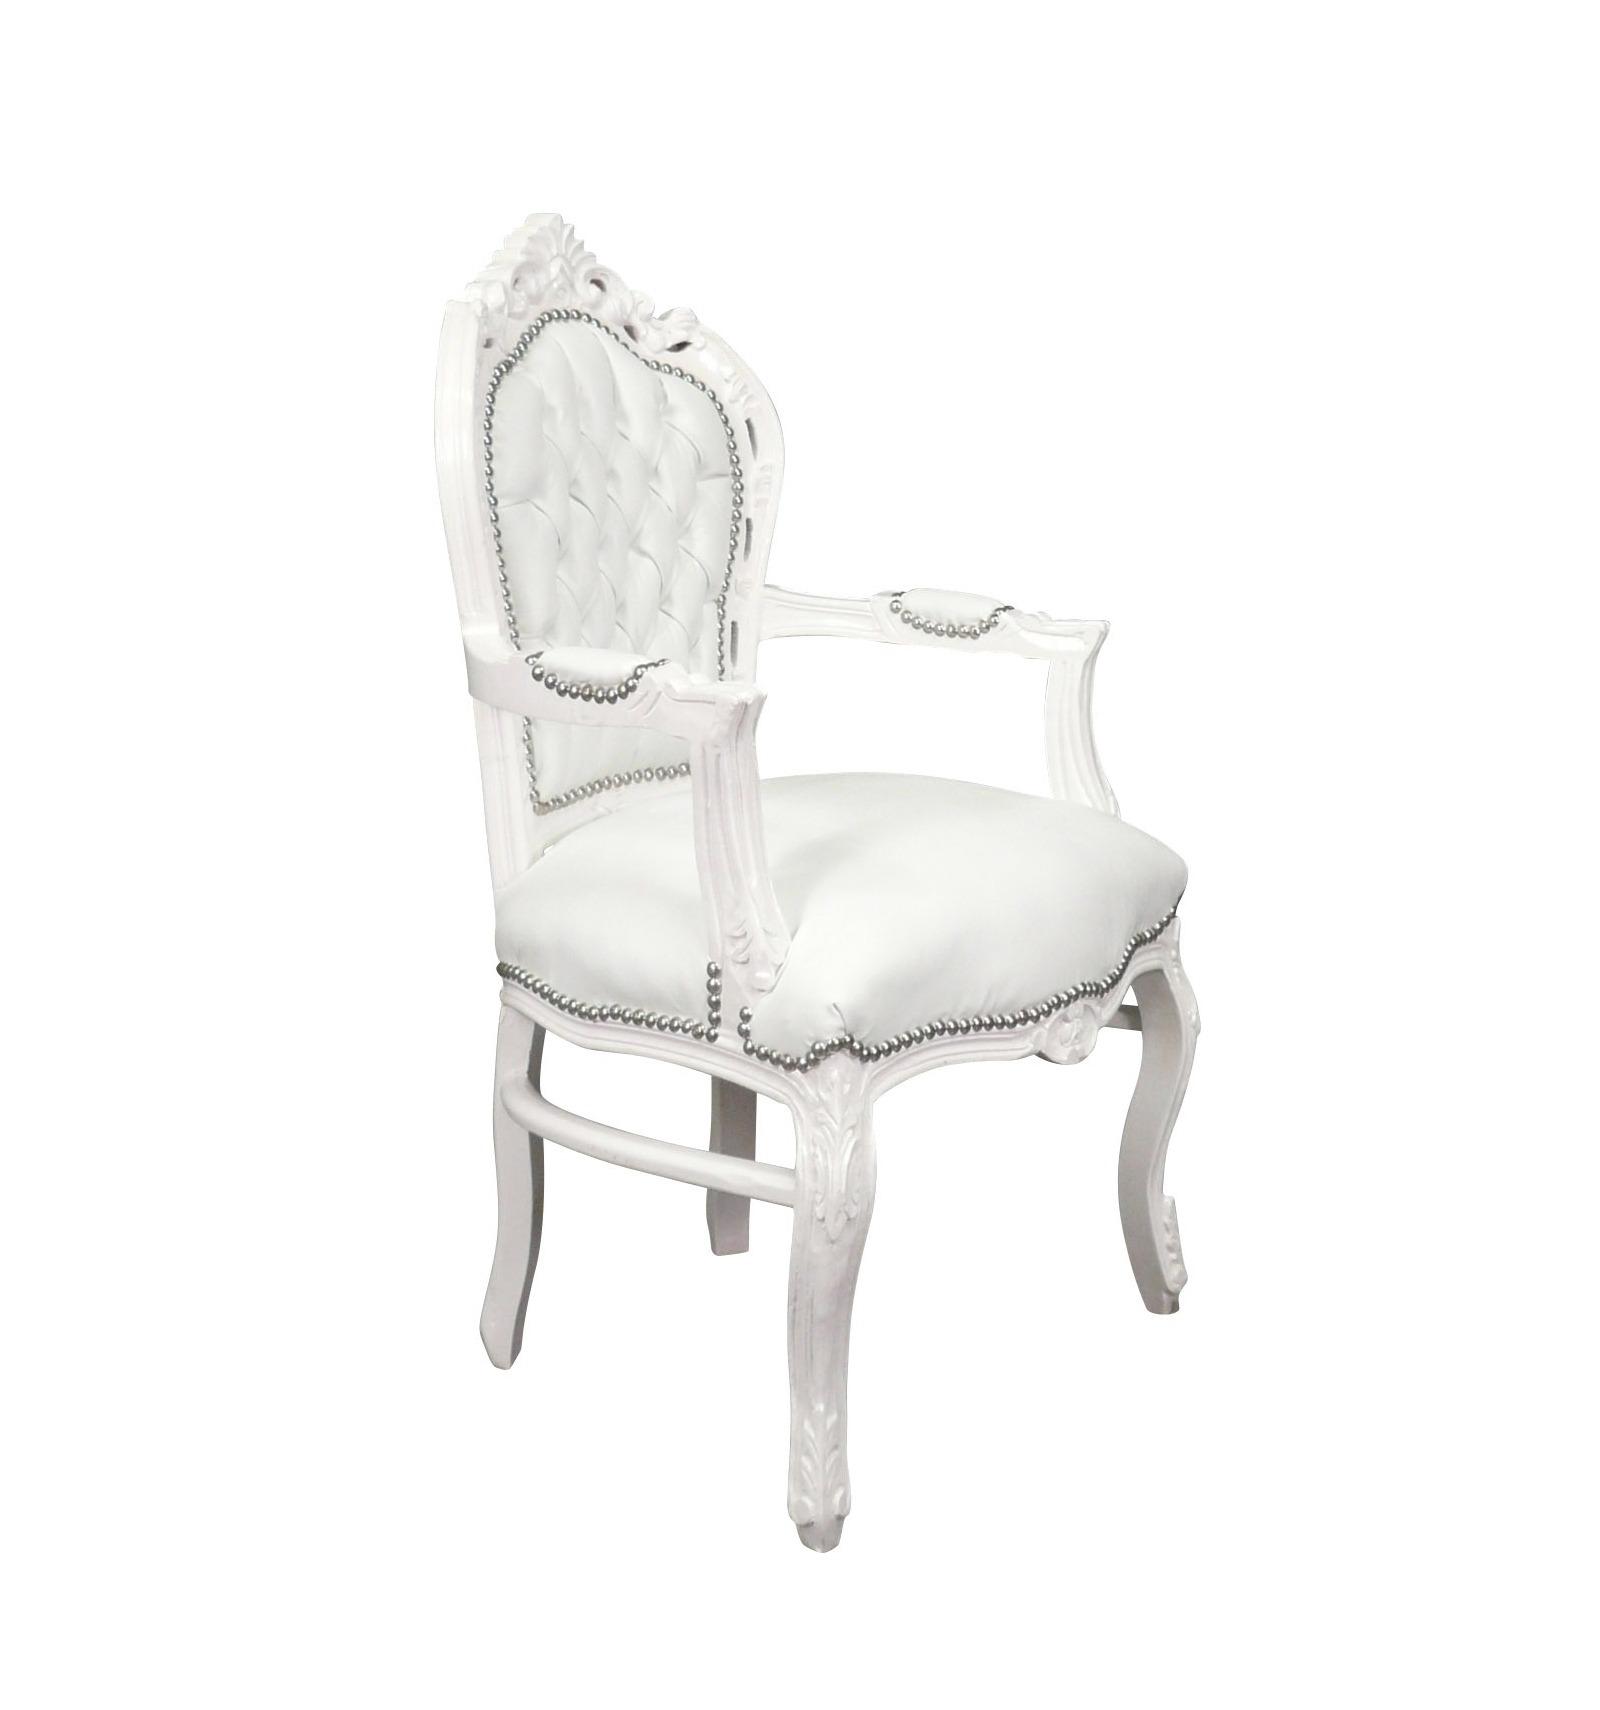 fauteuil baroque blanc mobilier de style. Black Bedroom Furniture Sets. Home Design Ideas